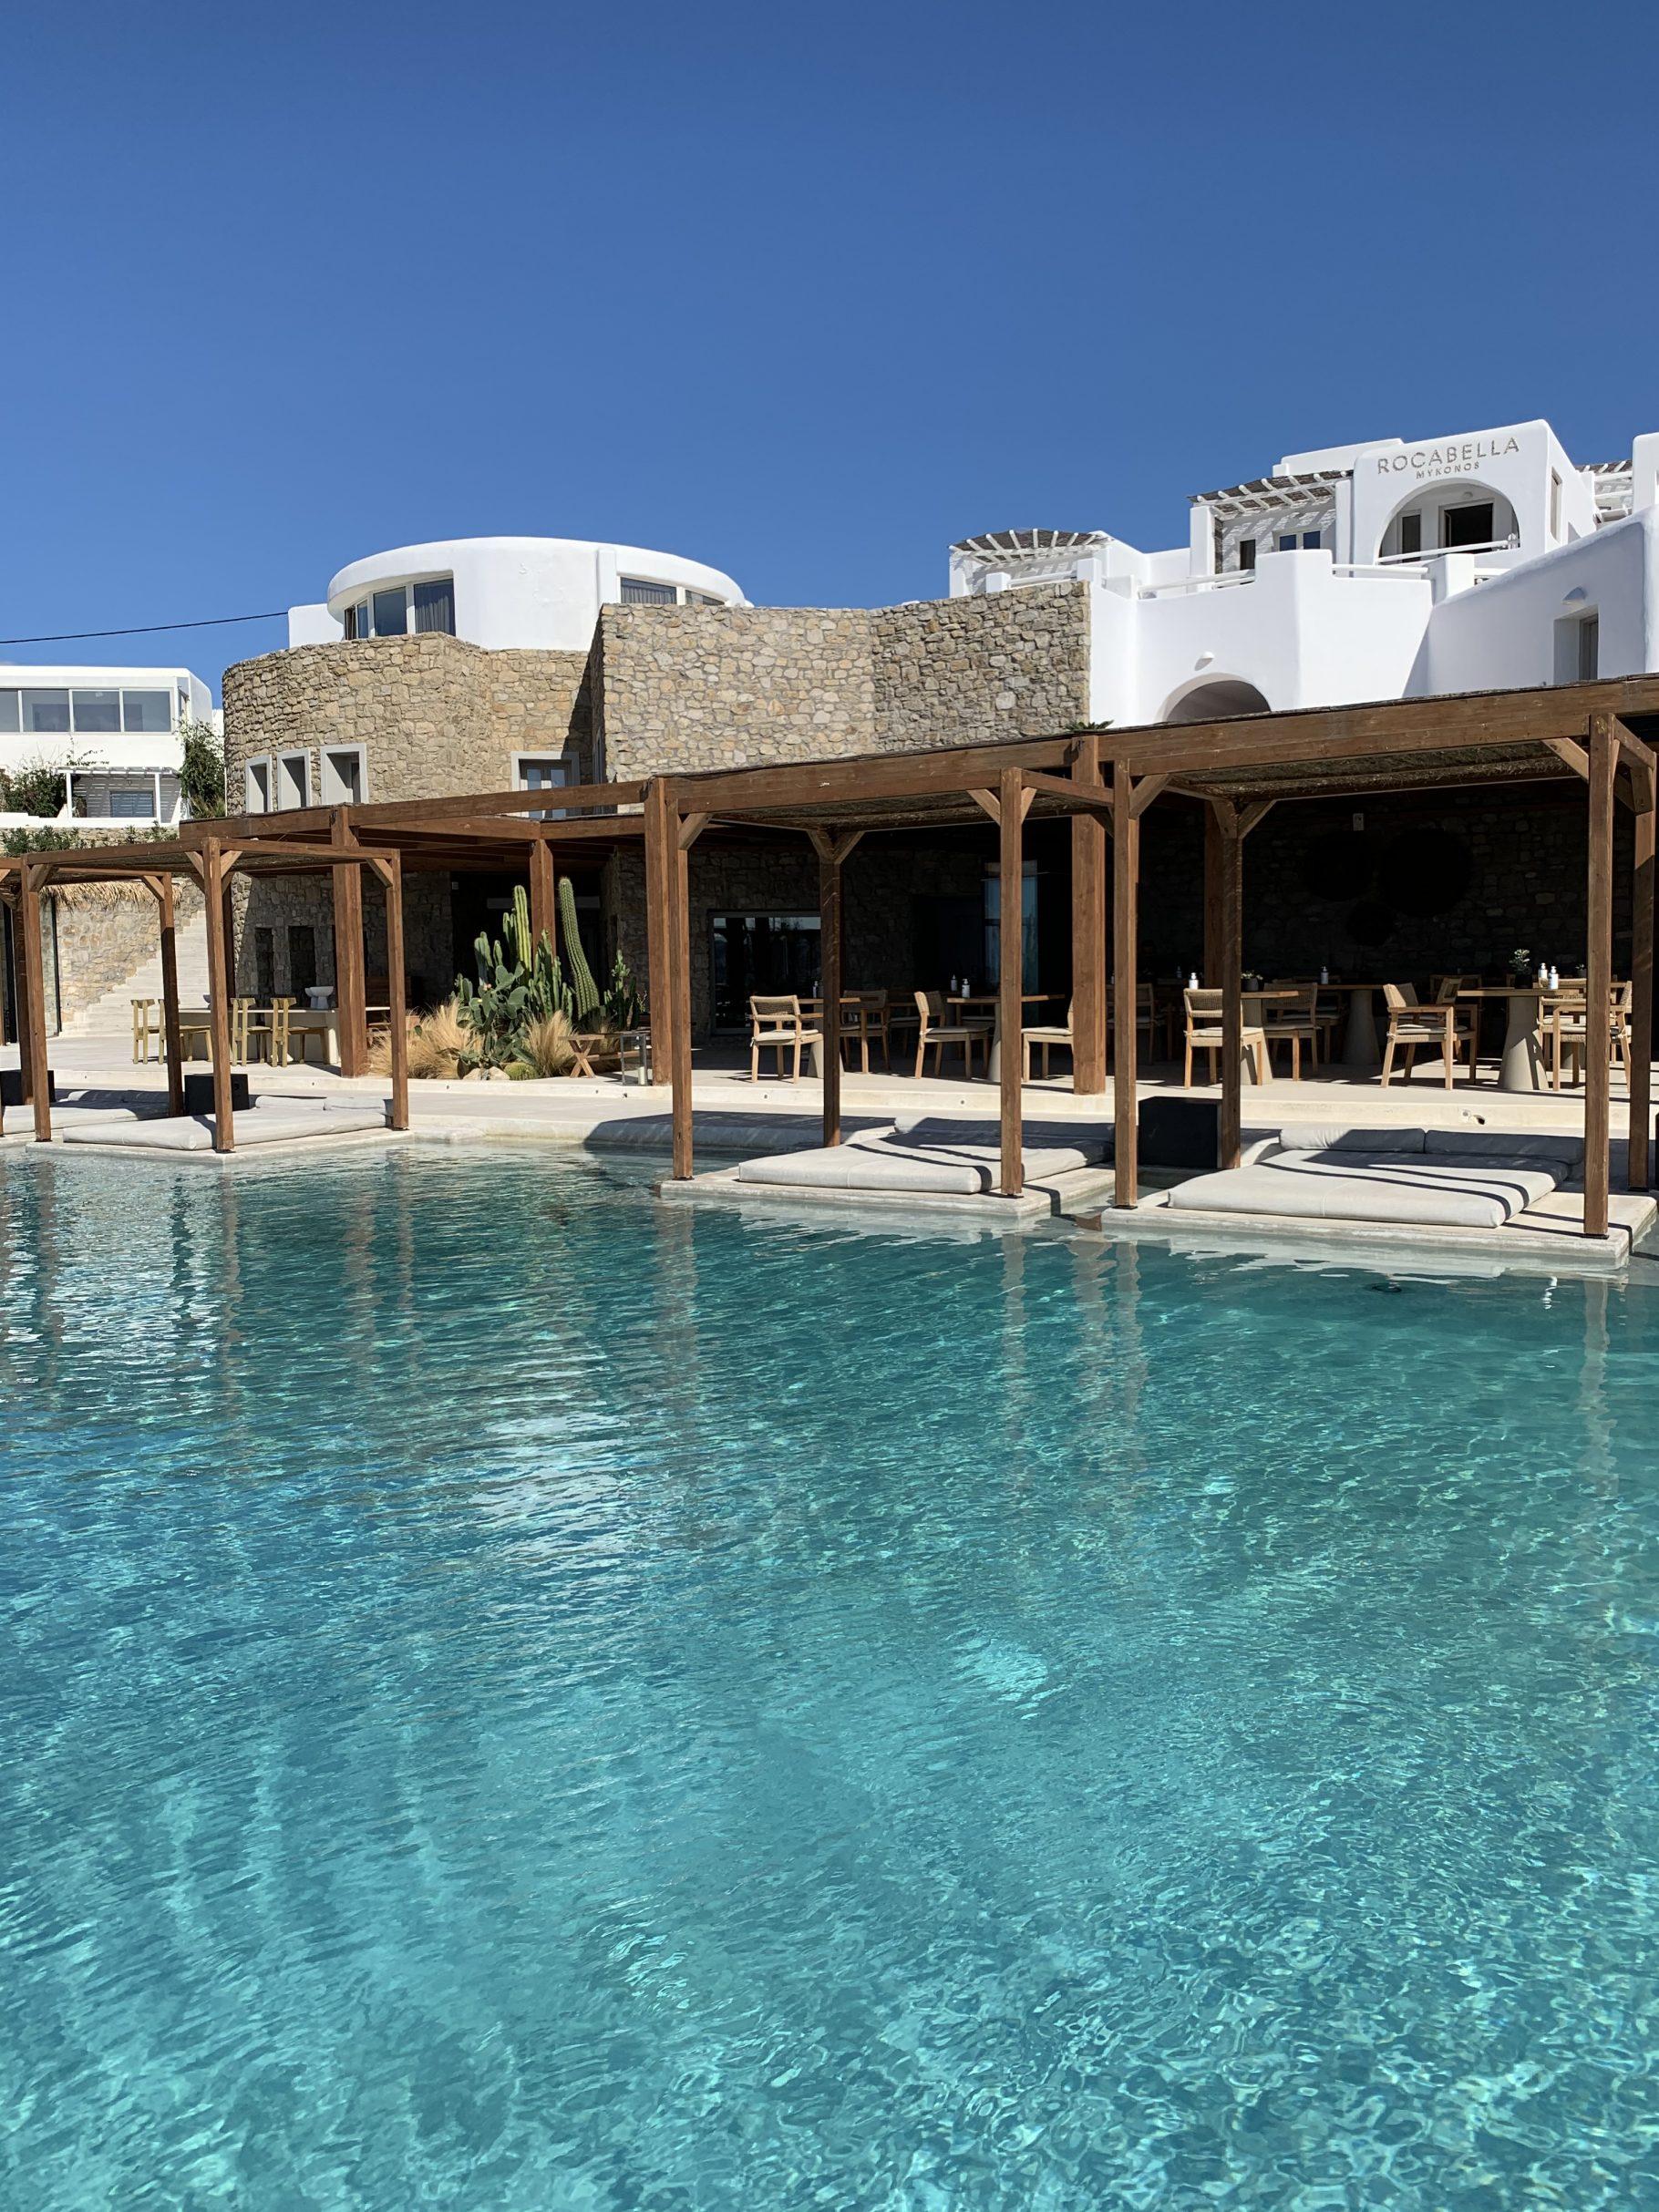 Hotel Review: Rocabella Mykonos